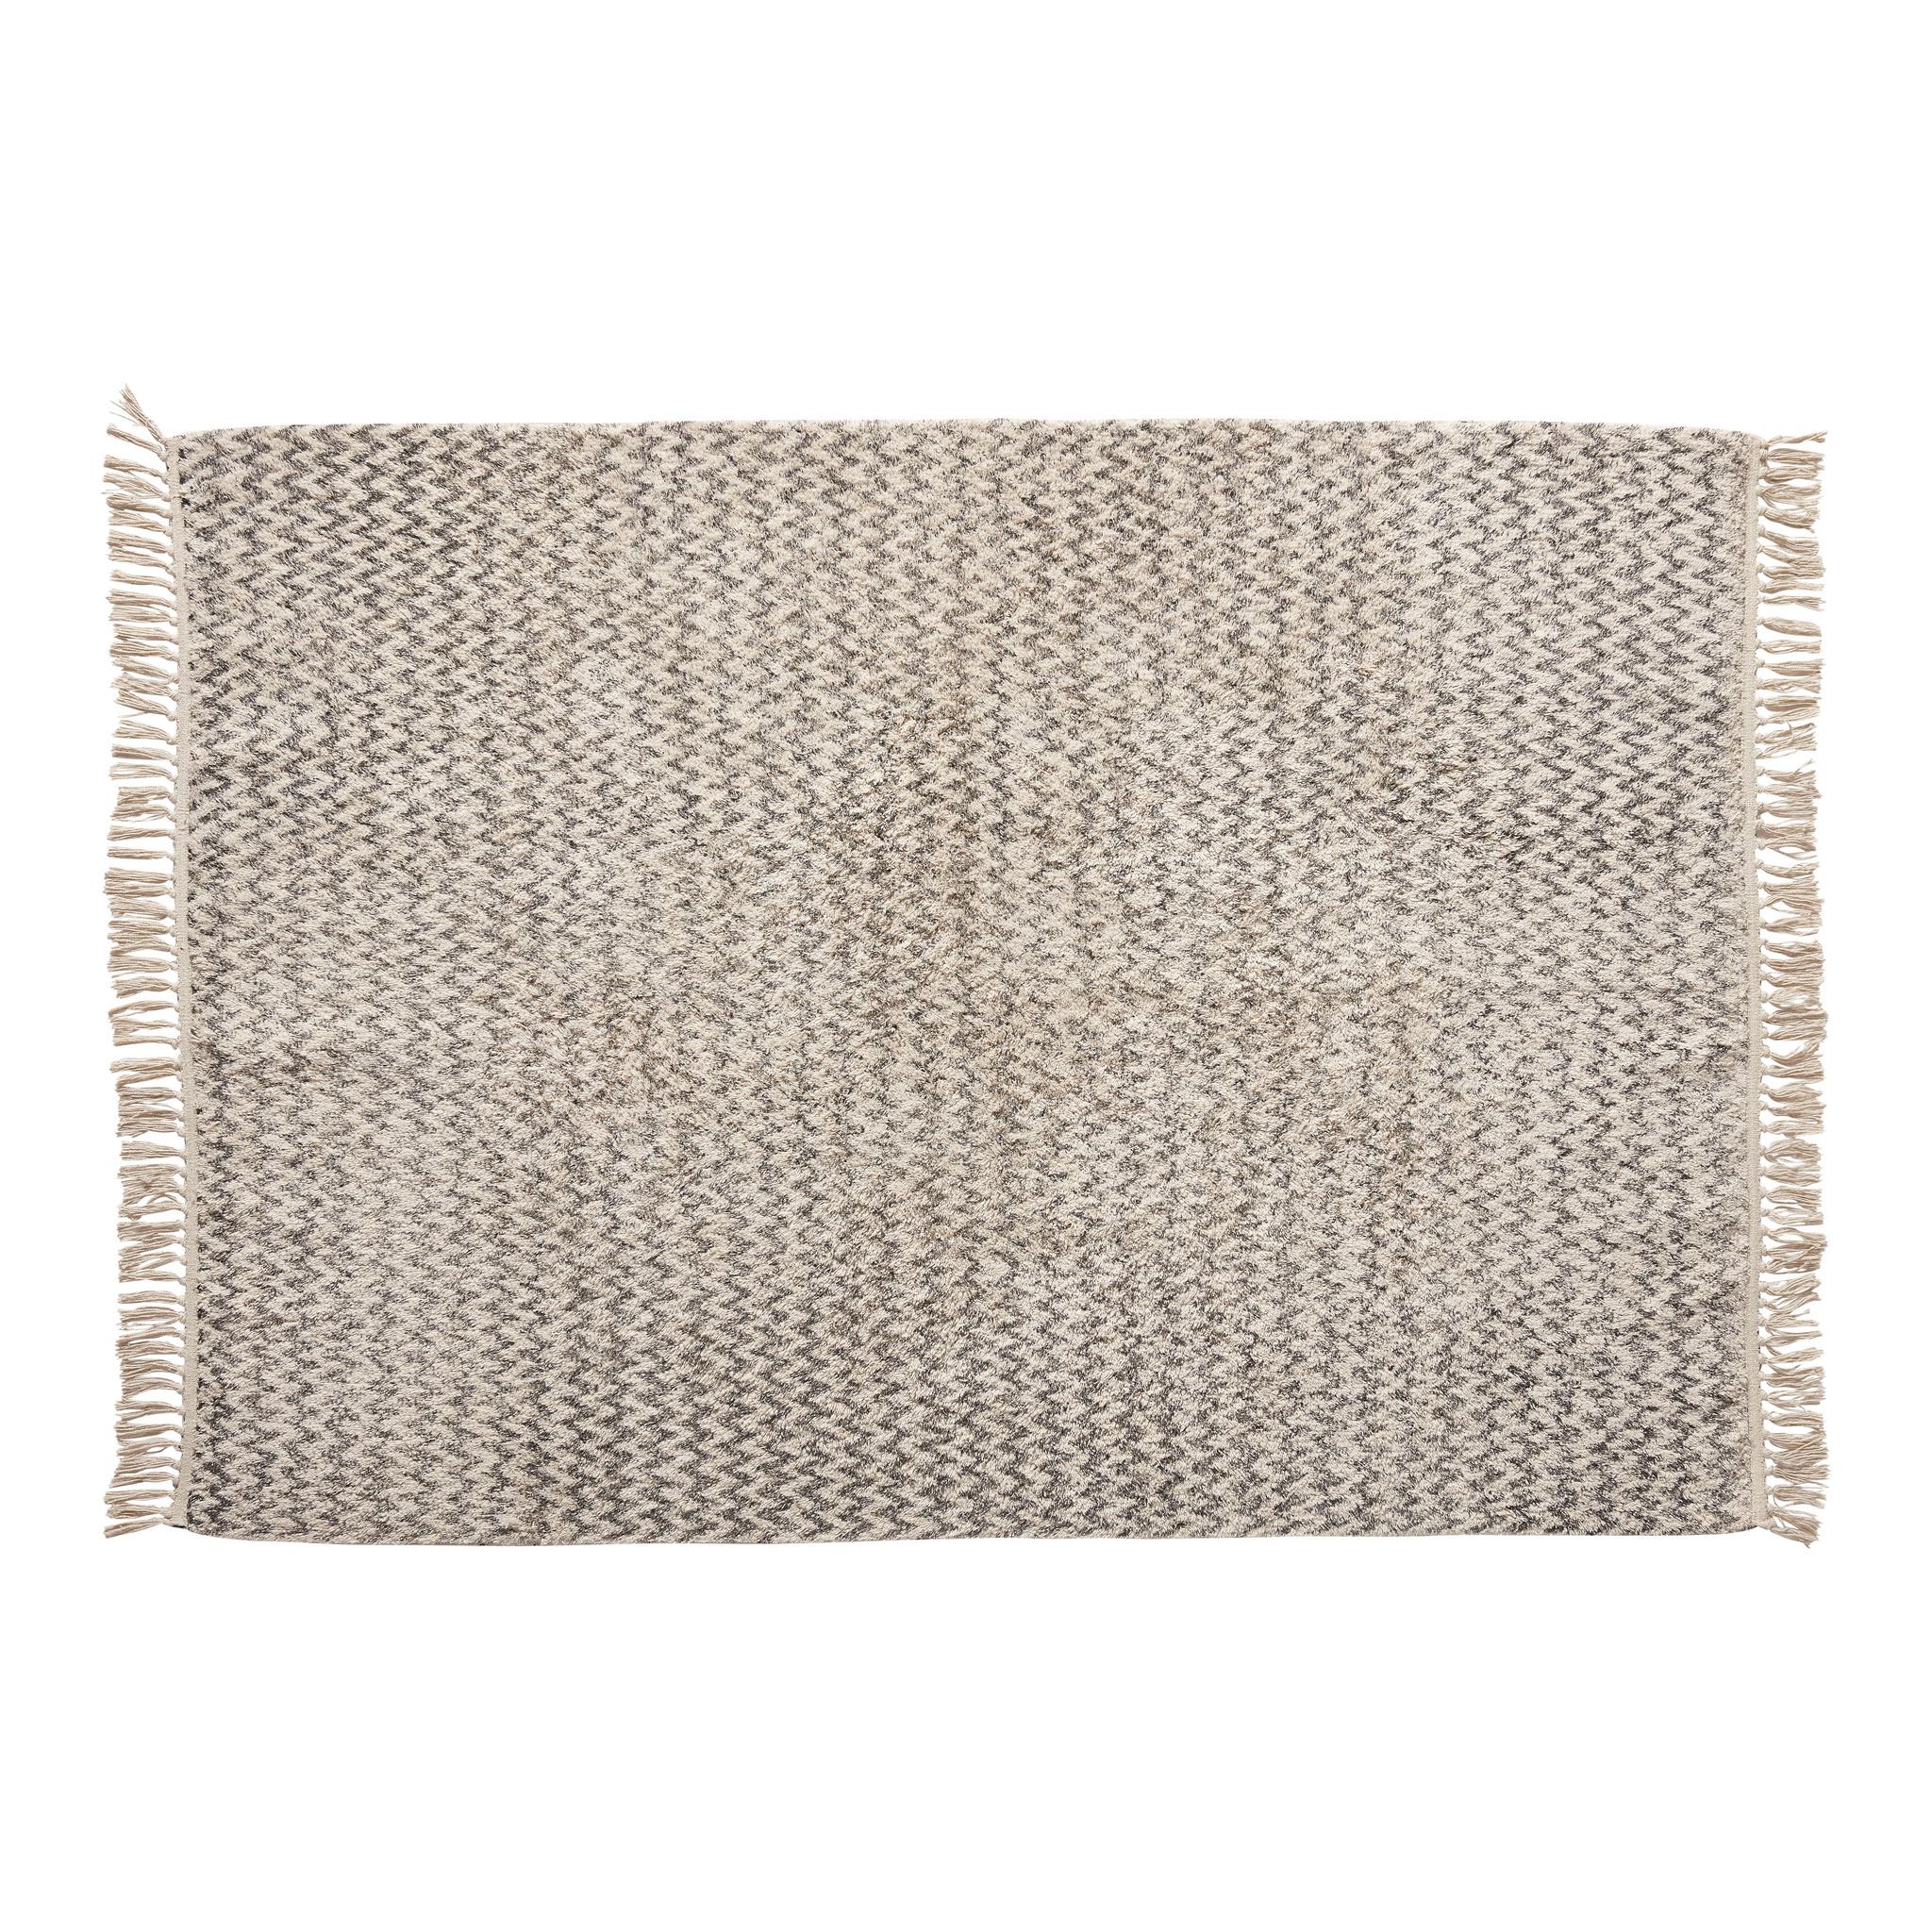 Hubsch Vloerkleed, geweven, katoen, wit / grijs-810602-5712772064054